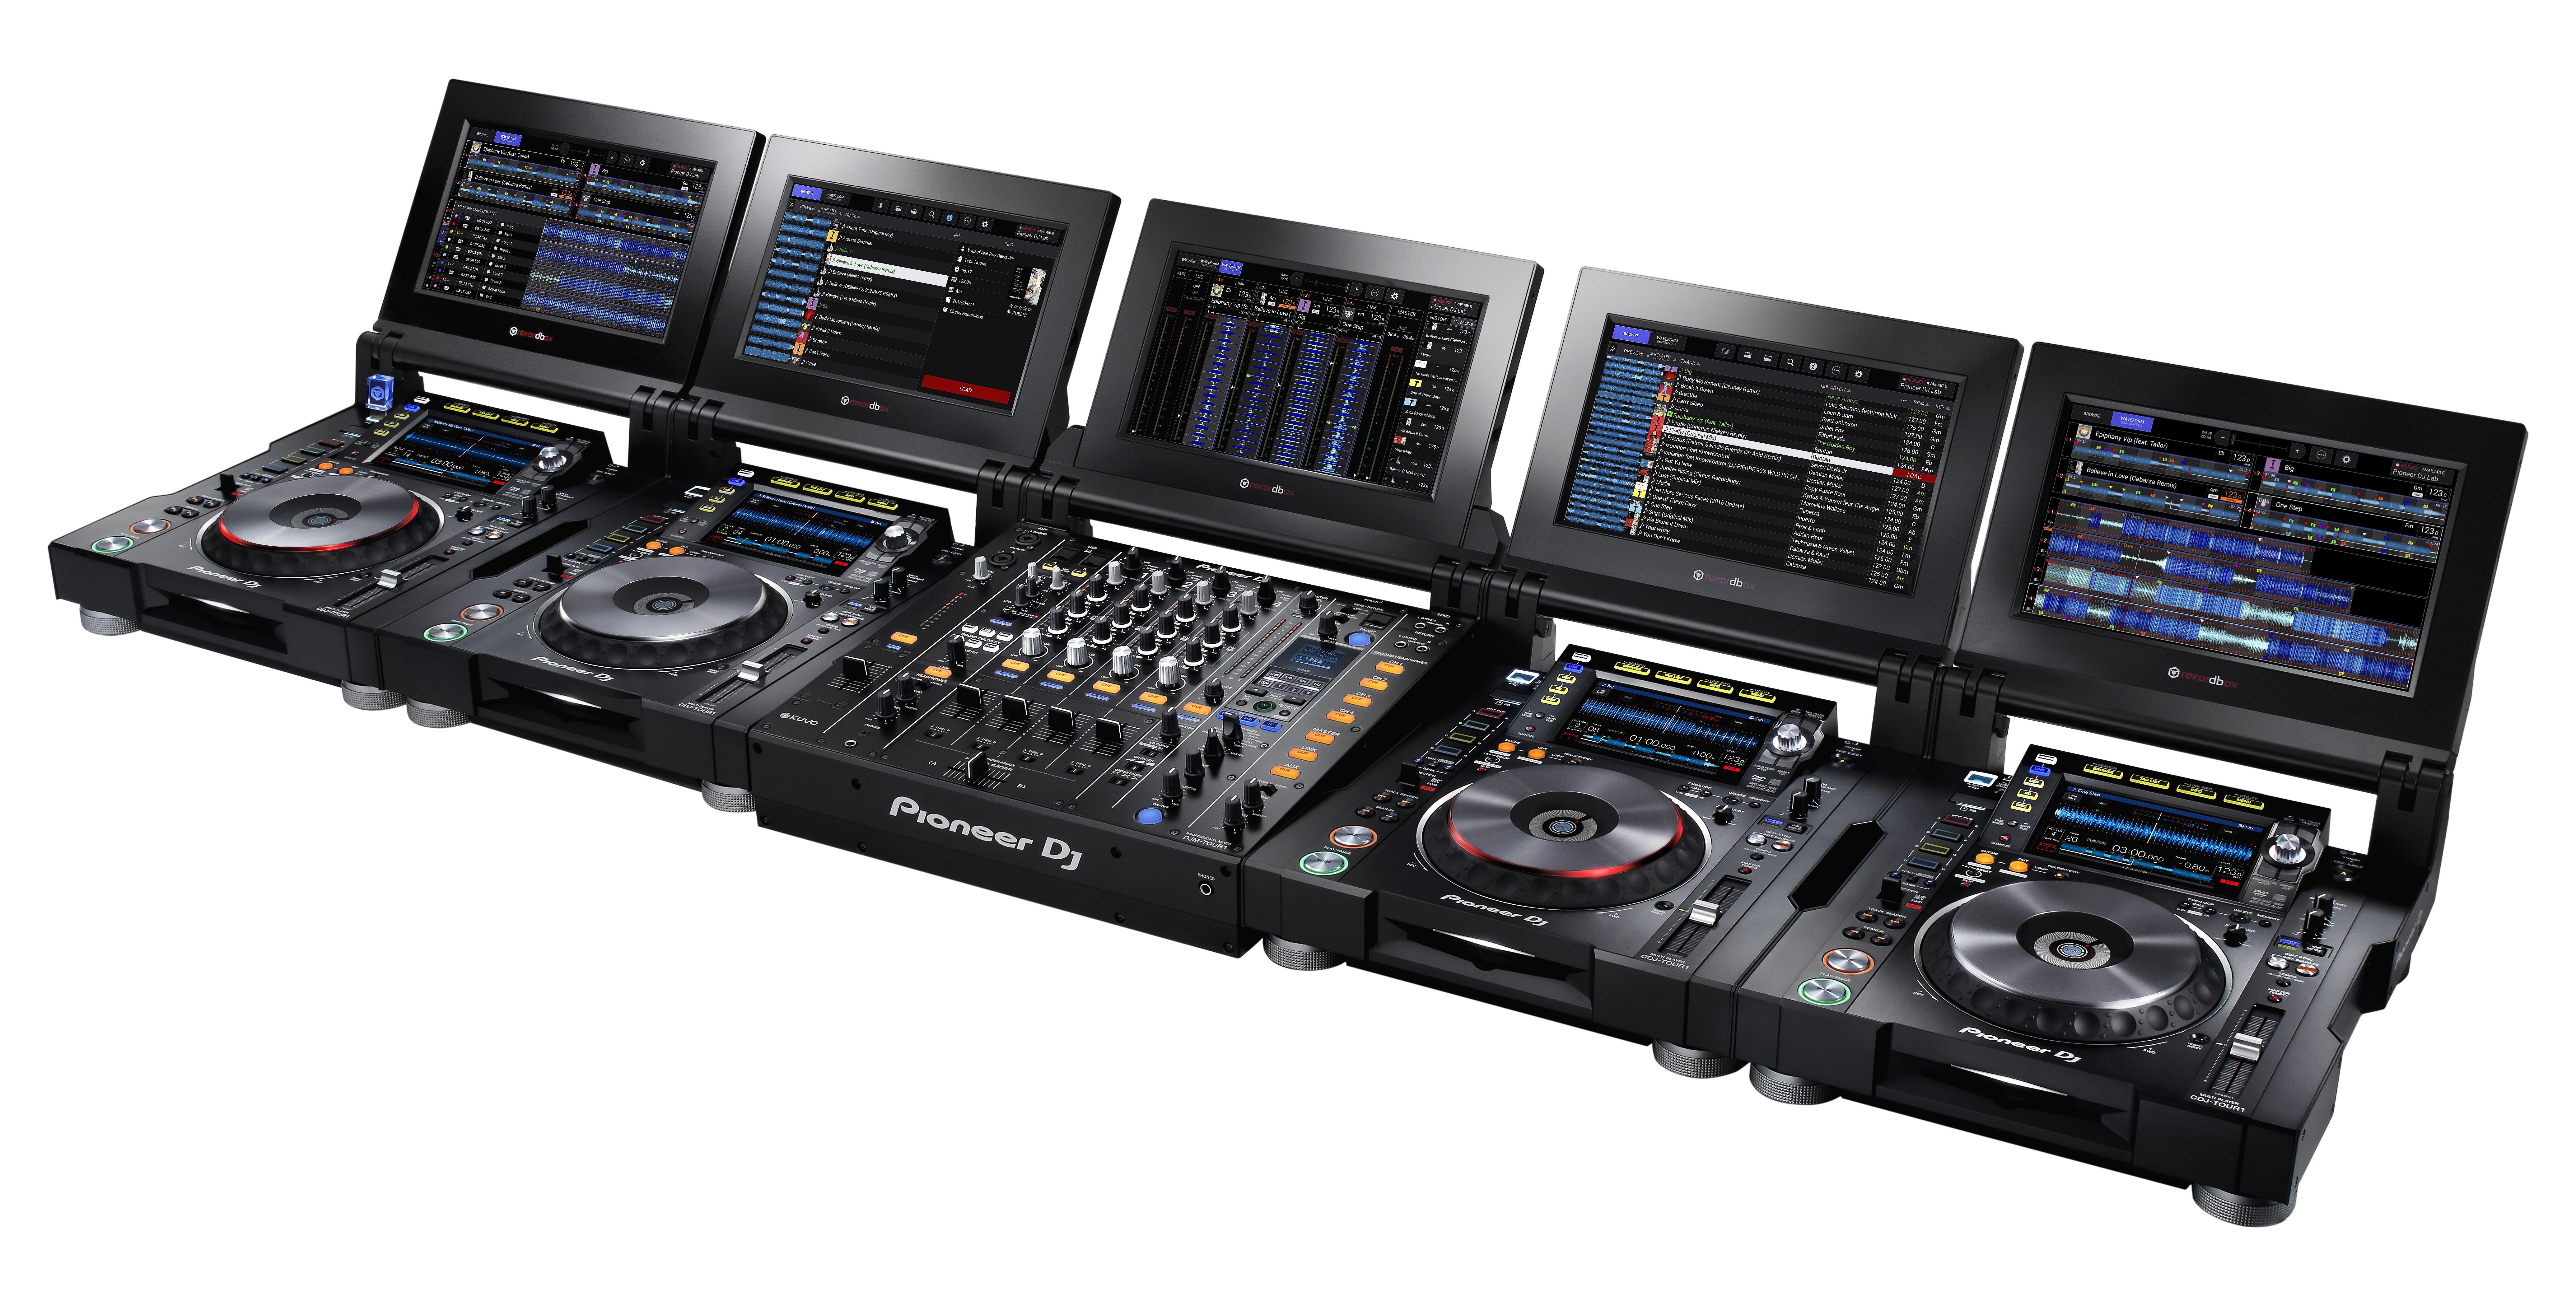 Pioneer präsentiert CDJ-TOUR1 & DJM-TOUR1 Setup